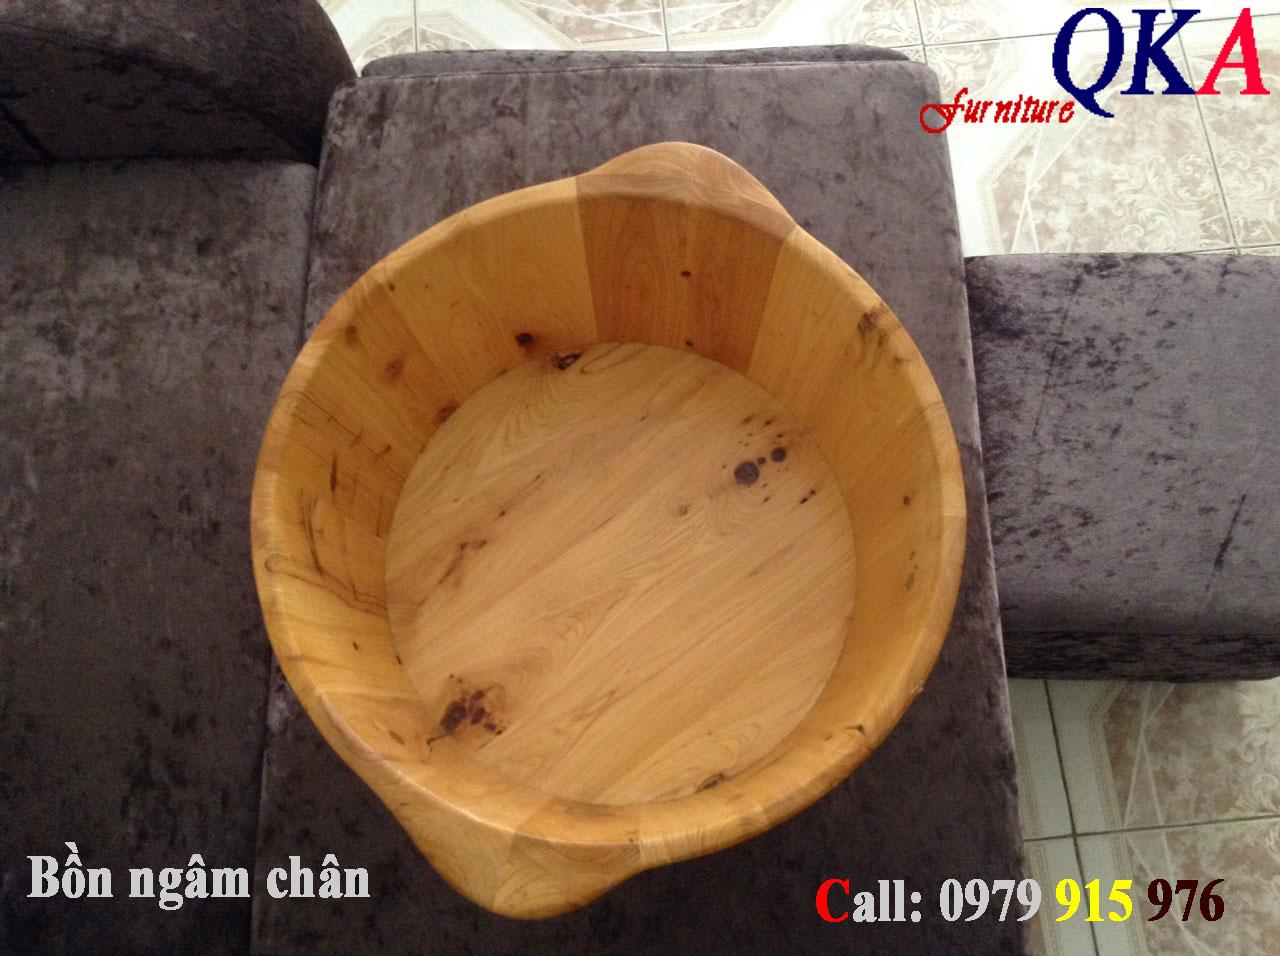 Mẫu bồn ngâm chân gỗ